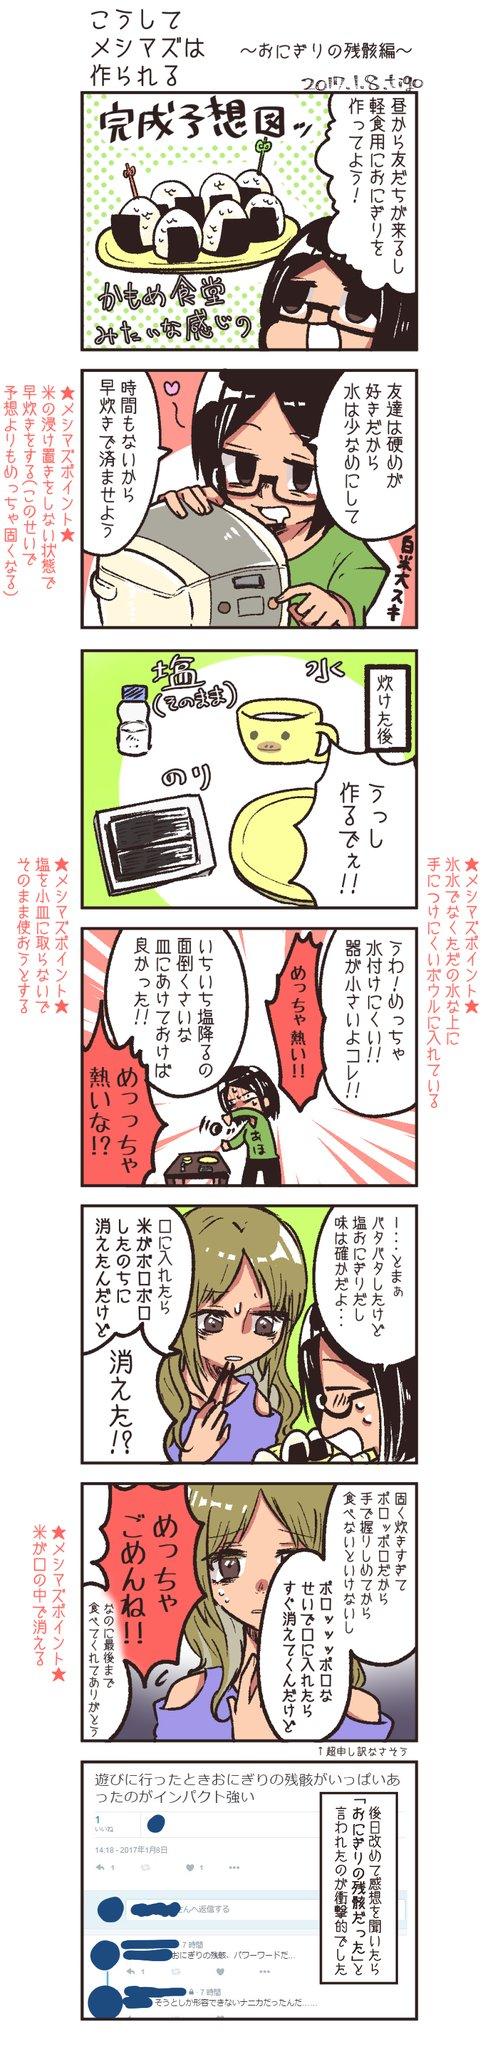 メシマズ 料理 思考回路 漫画化に関連した画像-03